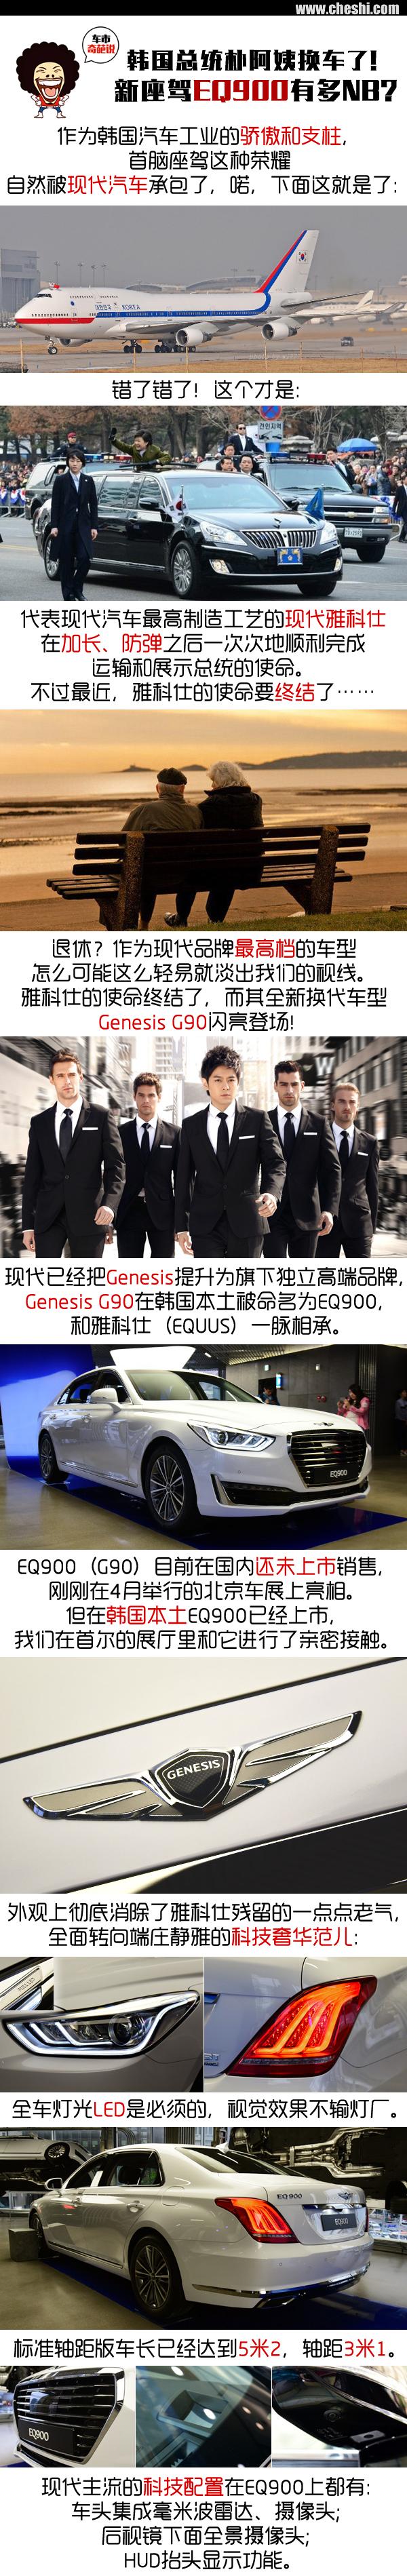 车市奇葩说:韩国总统换了辆NB的新车?-图1